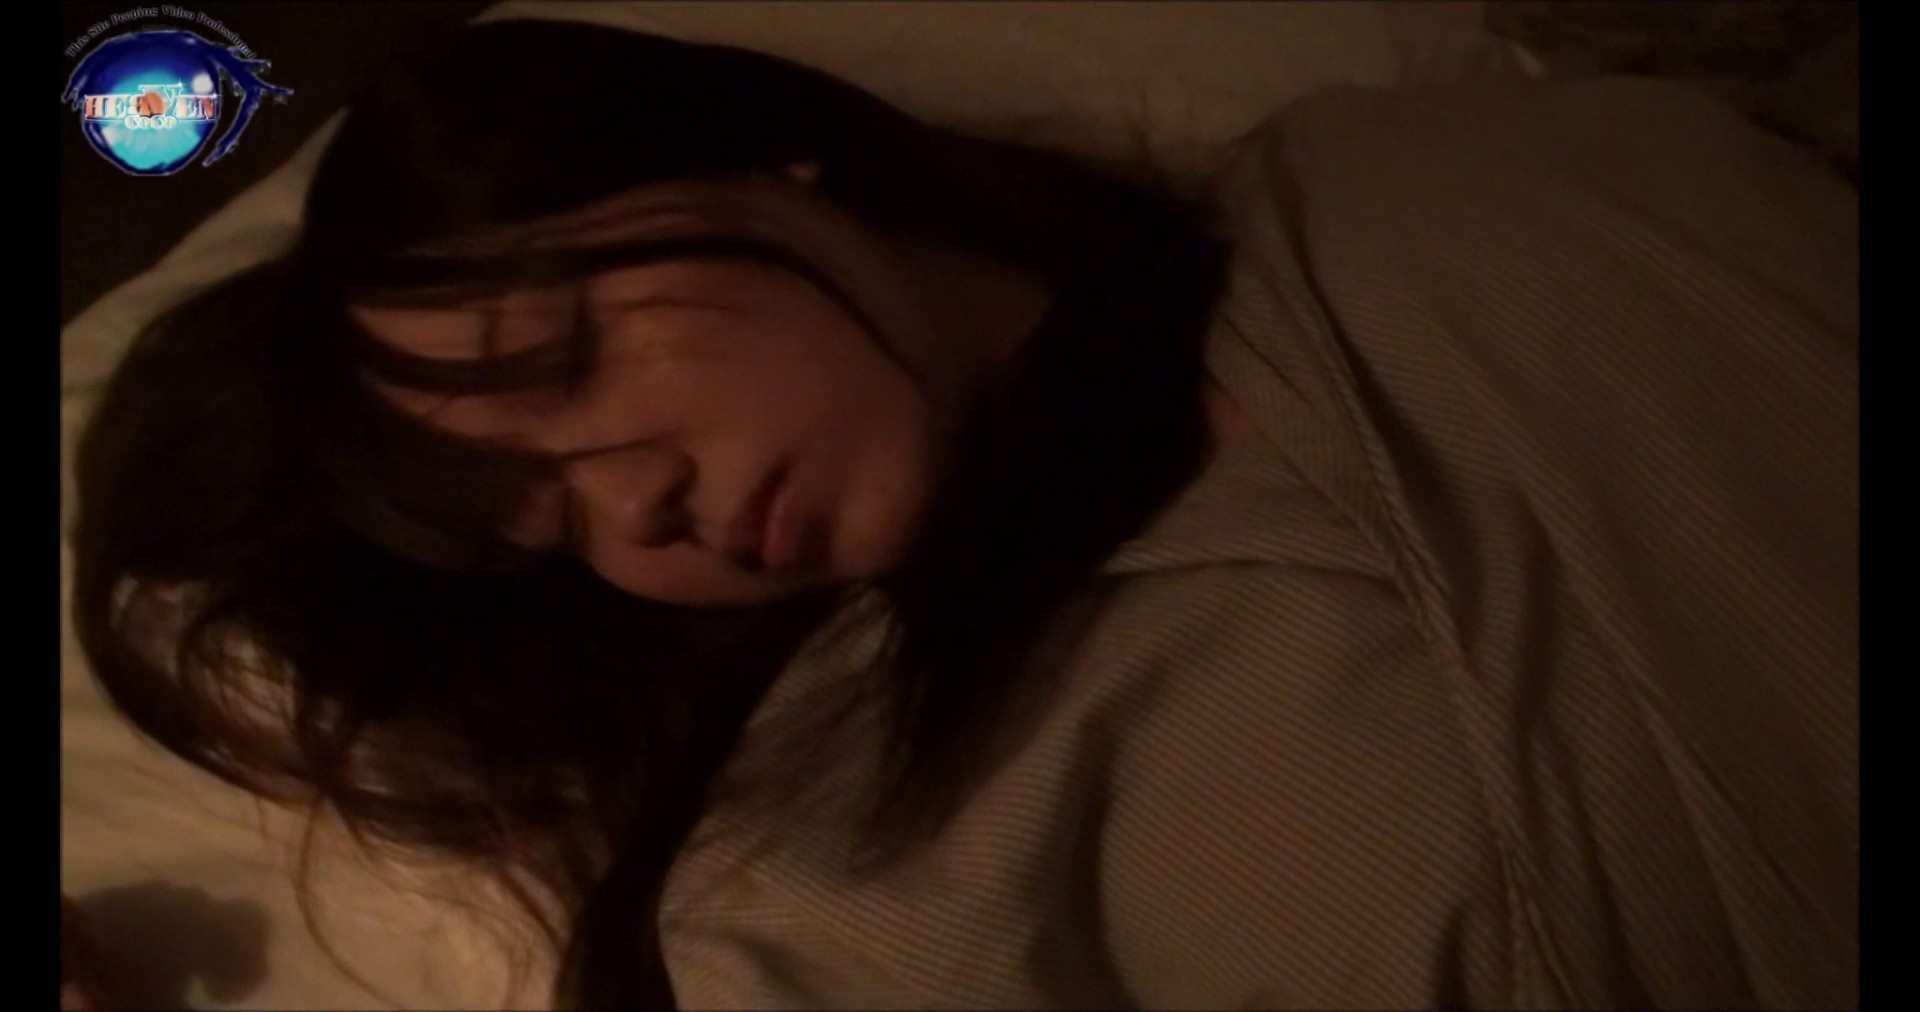 睡魔 シュウライ 第五弐話 前編 下半身 | イタズラ  104pic 52